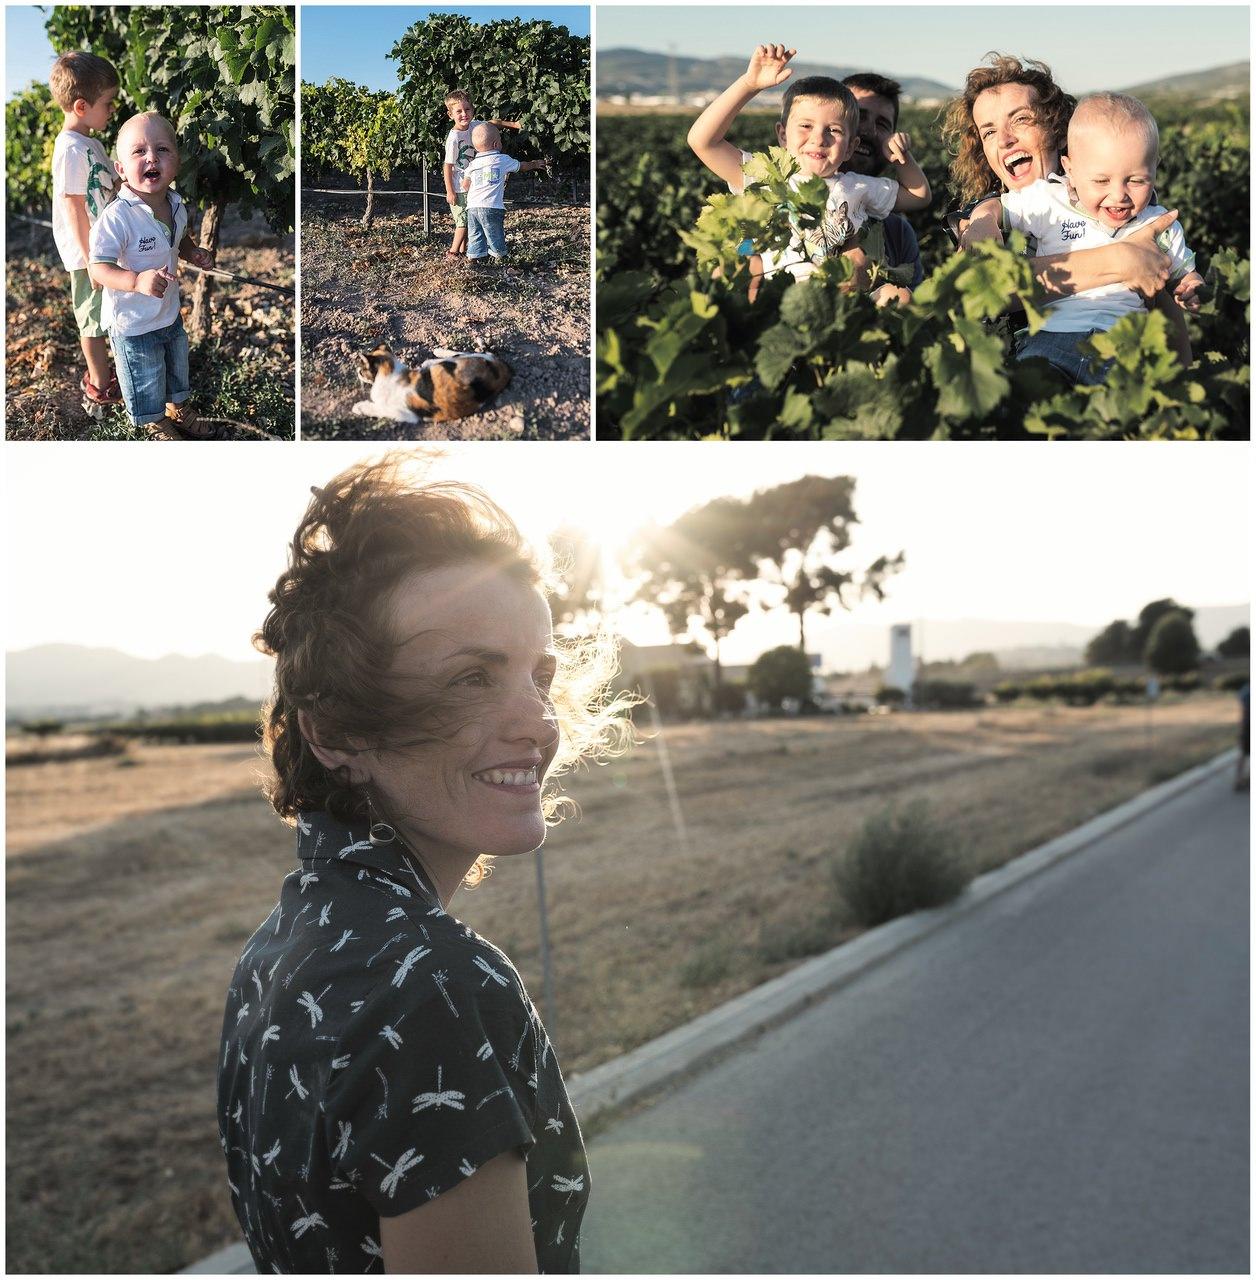 fotografo de bodas en alcoy, familia castalla5